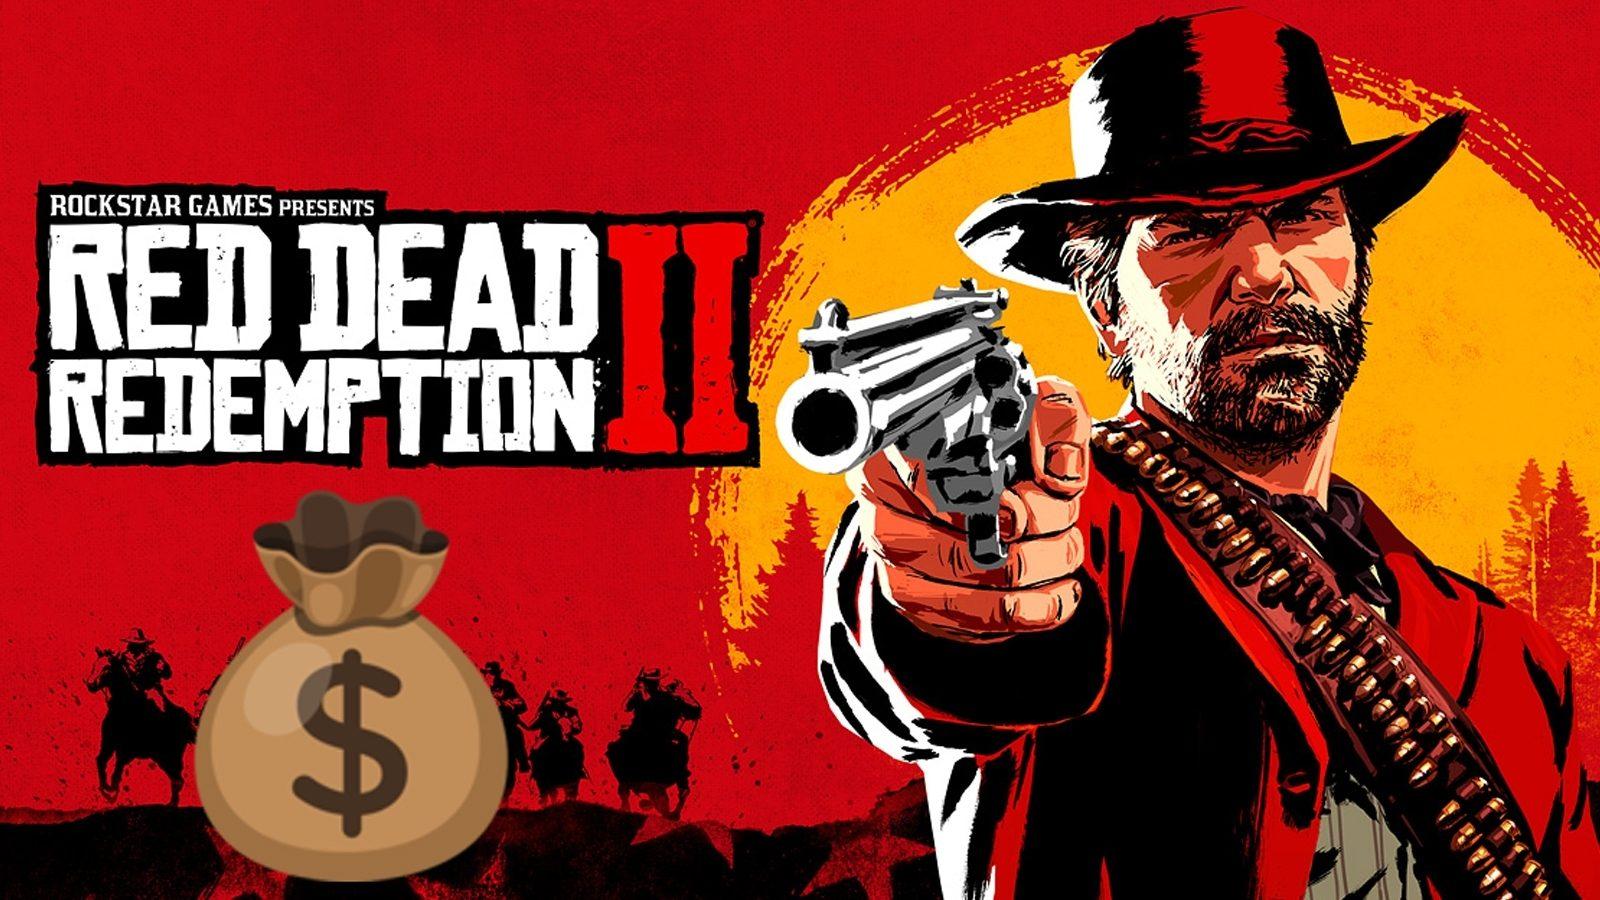 comment faire de l argent red dead redemption 2 online